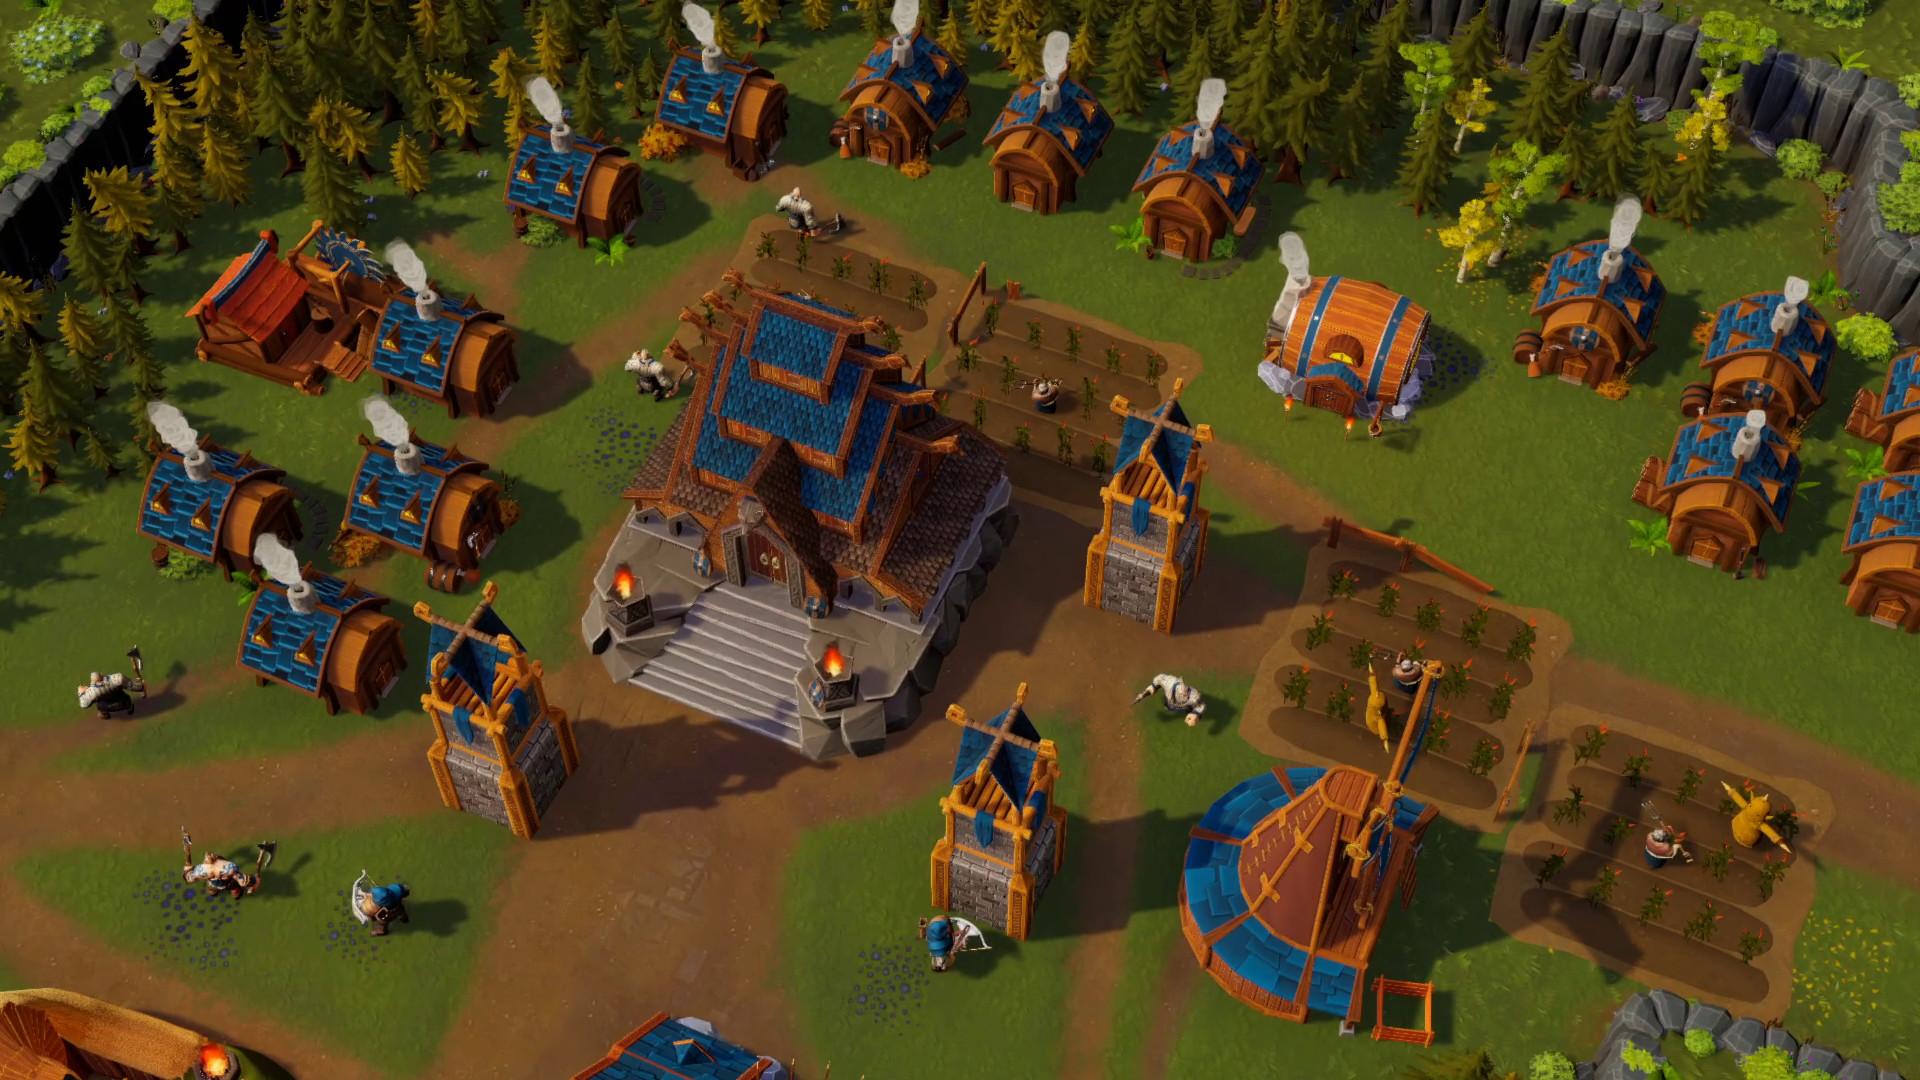 合作RTS《矮人海姆》玩家可邀请好友免费加入游戏